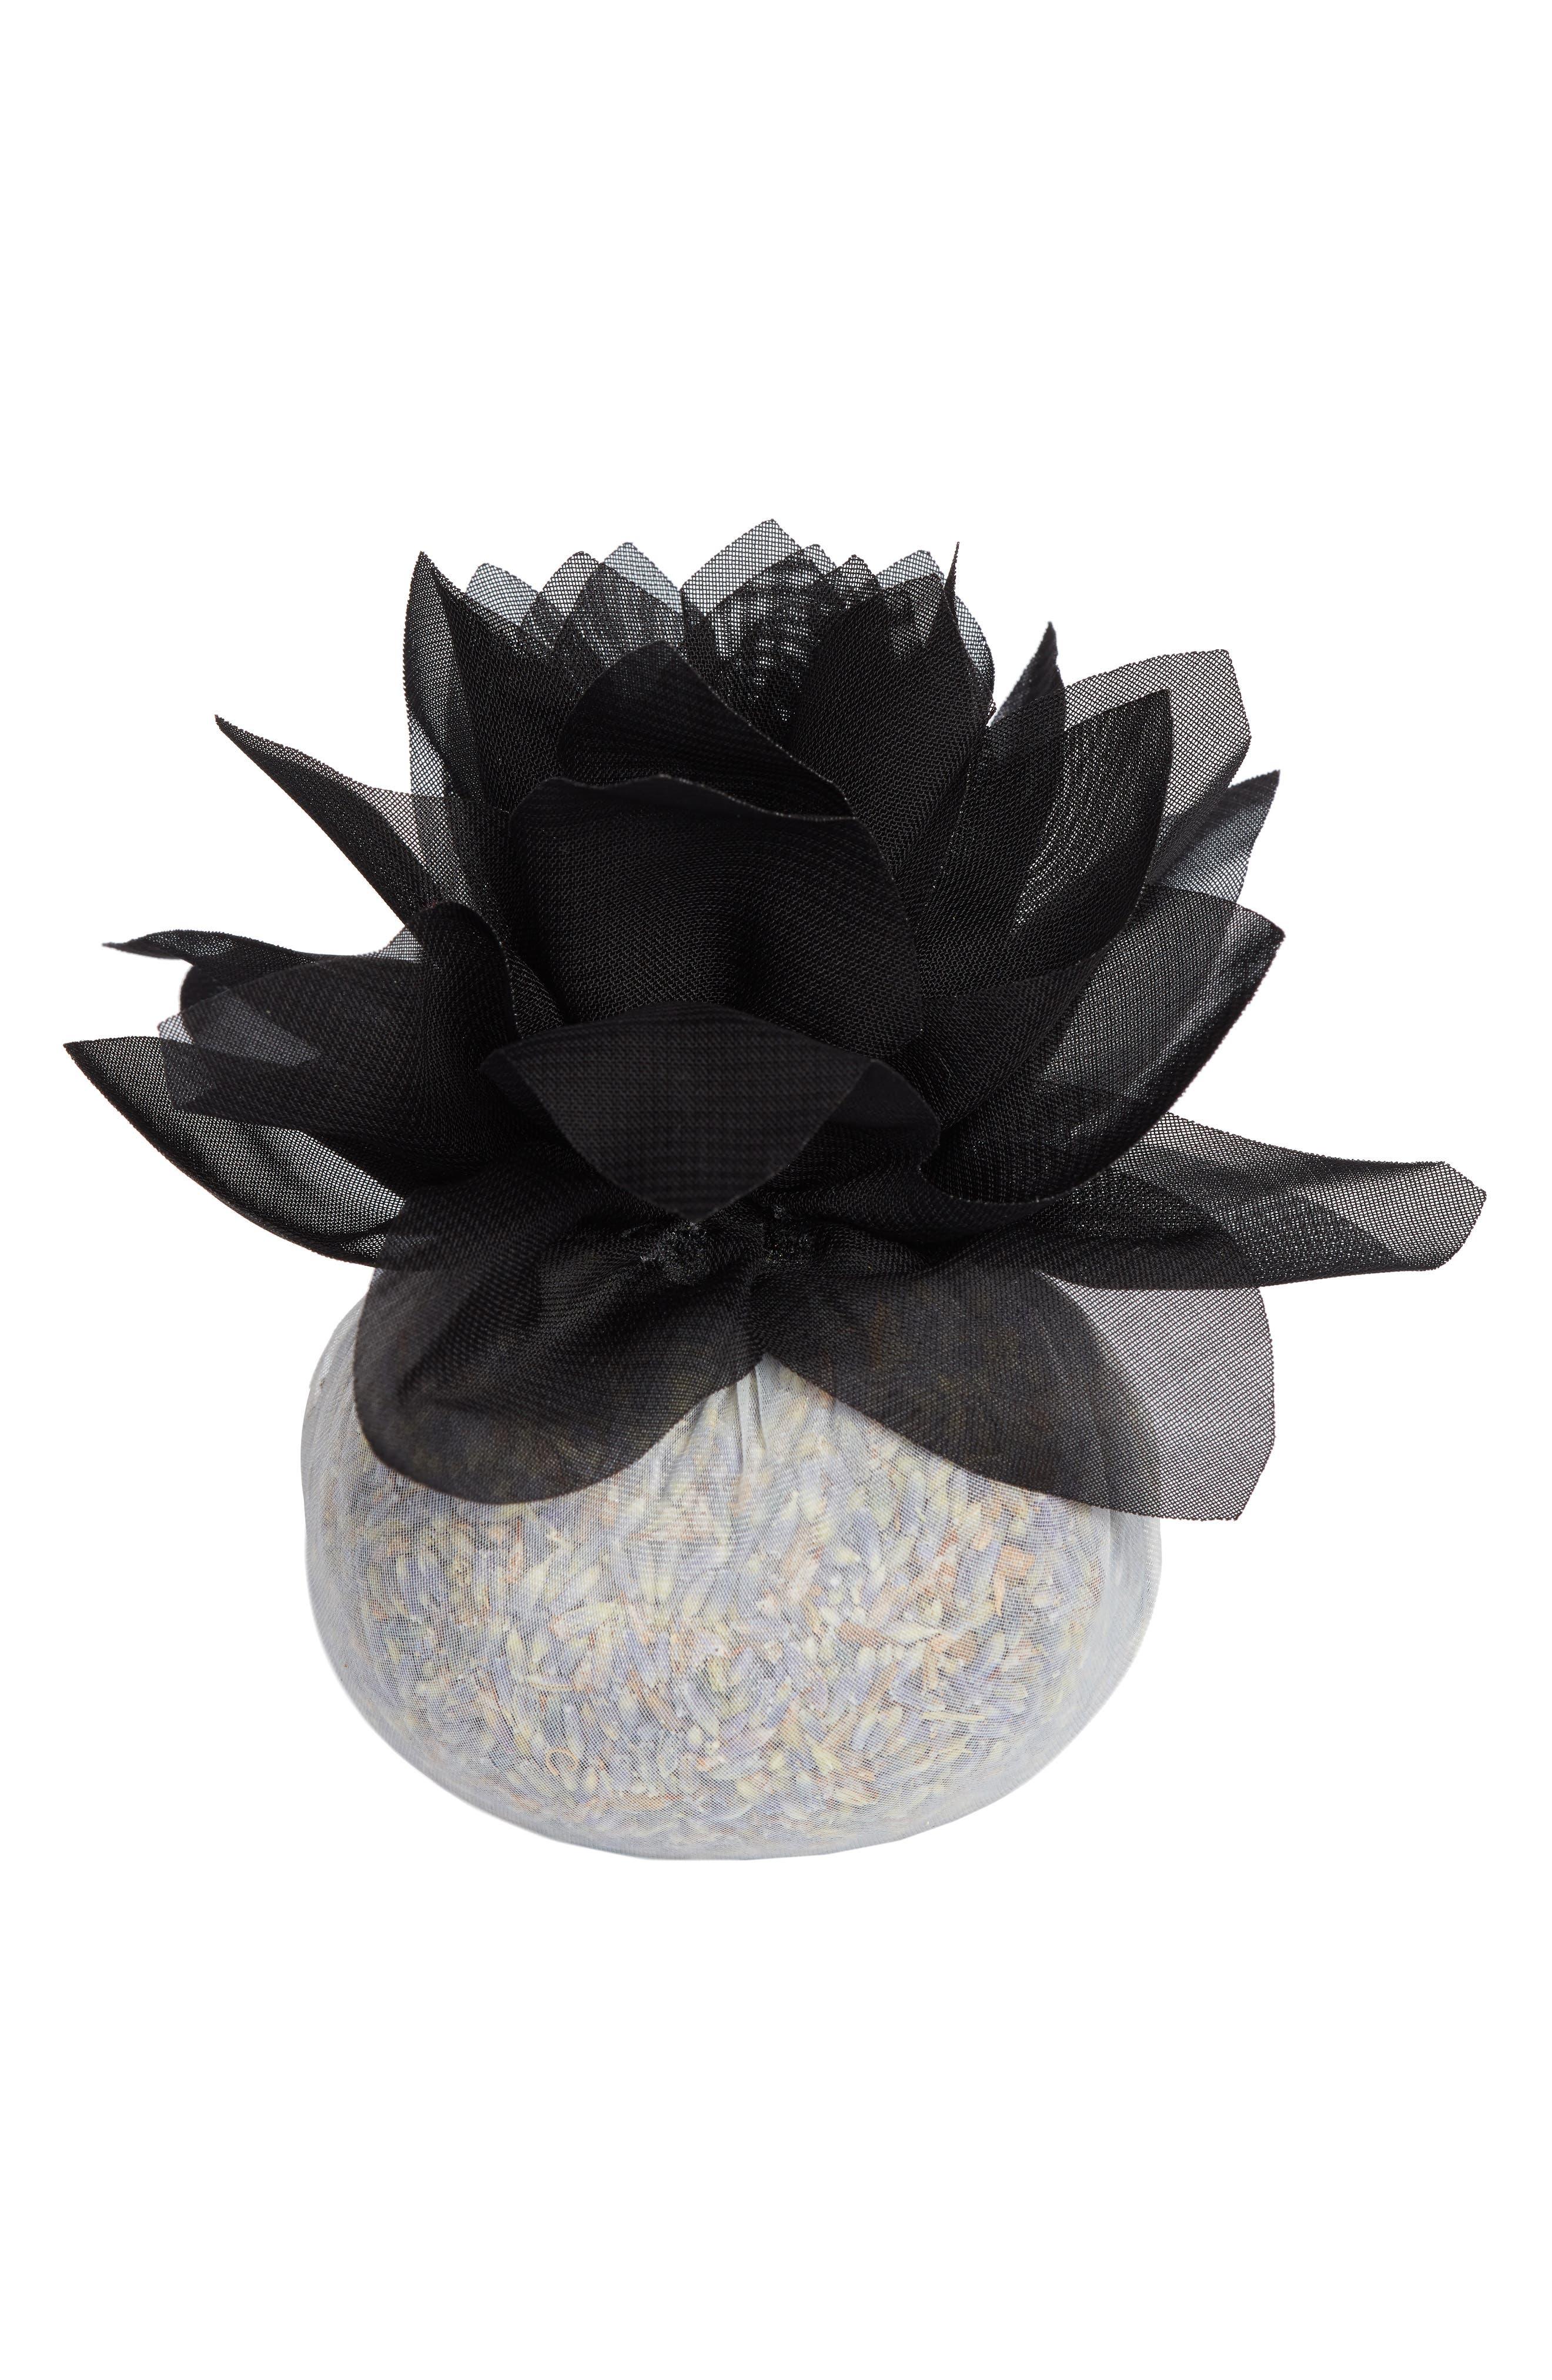 Stonehide Flower Sachet,                         Main,                         color, BLACK